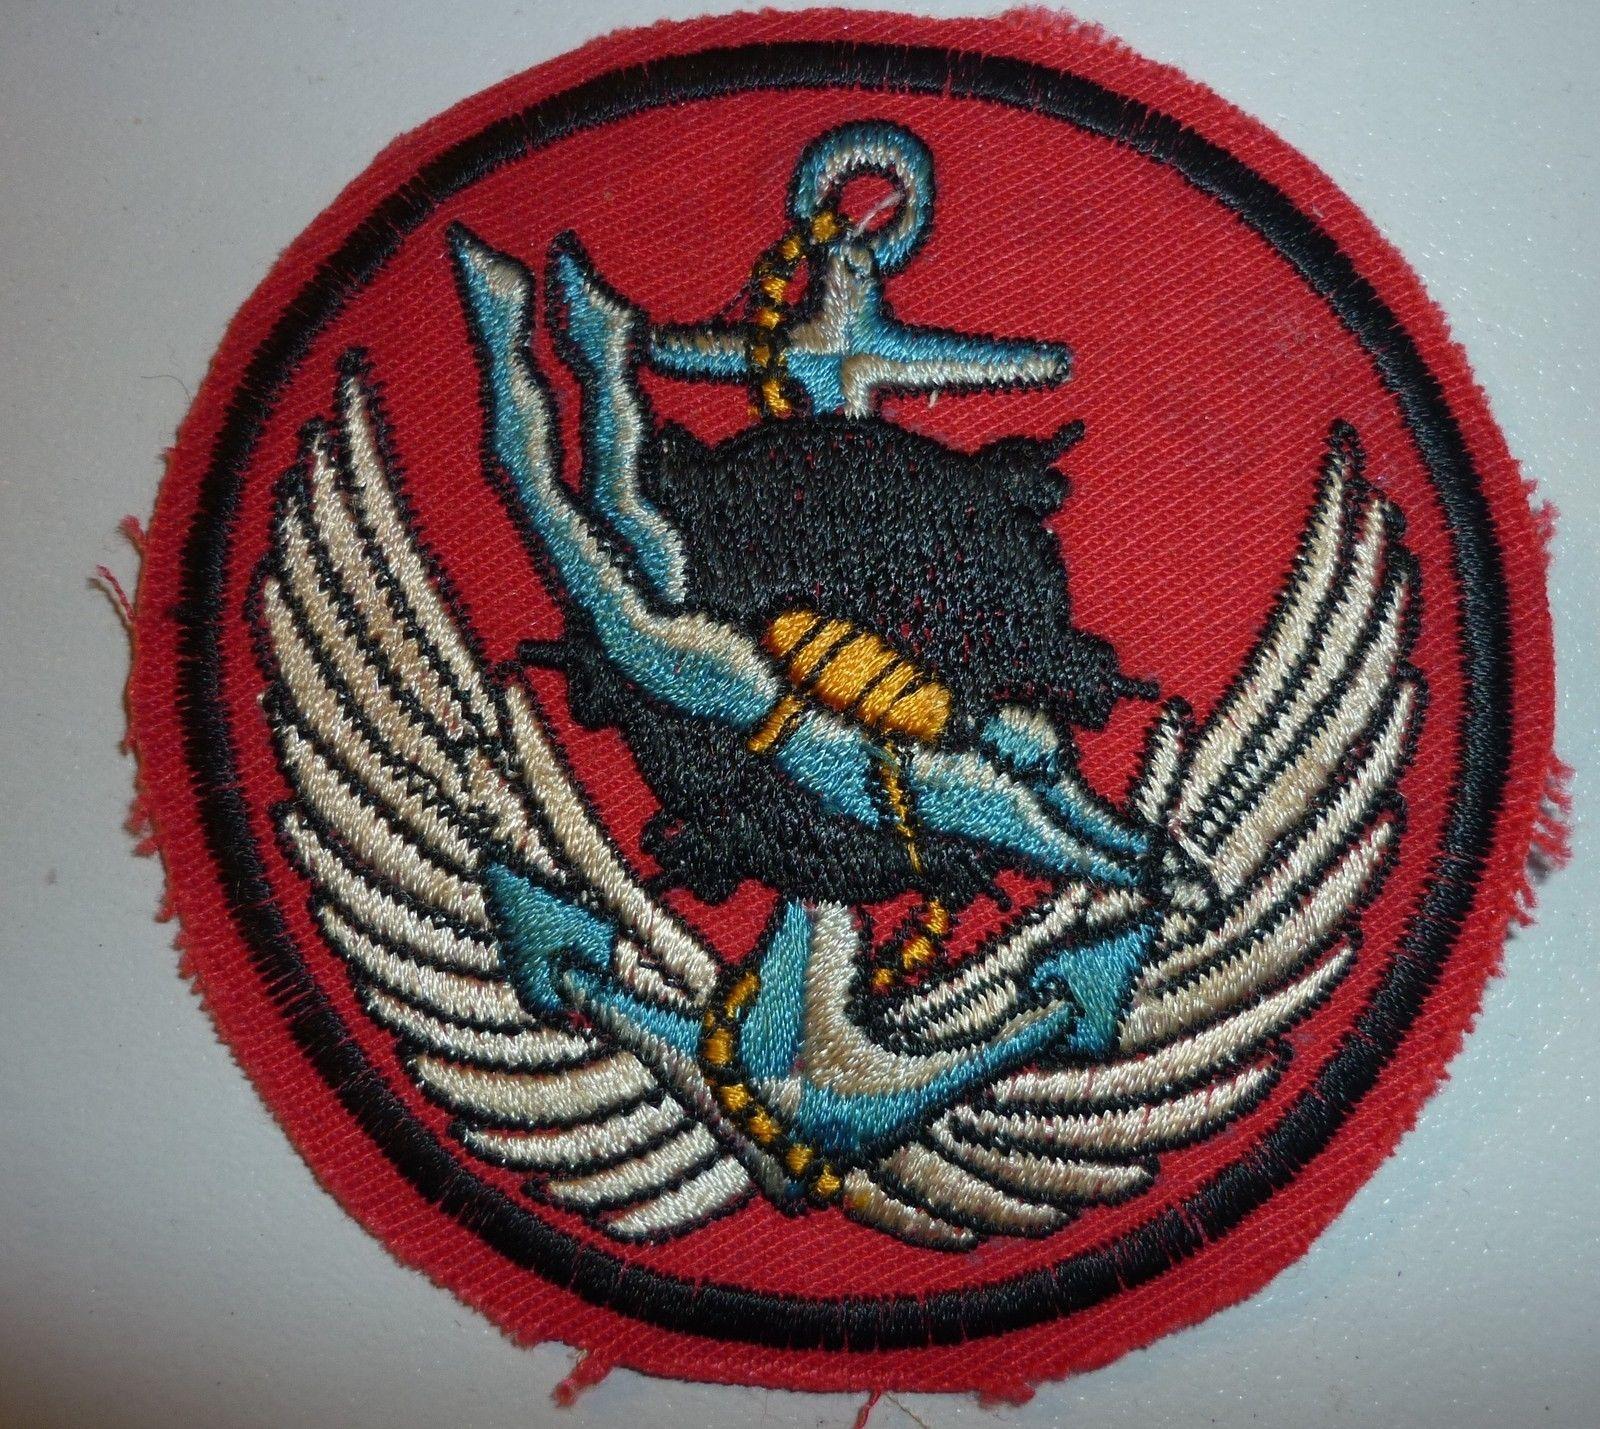 Patch us navy seals n 568 rvn advisor ldnn vietnam war elite hai patch us navy seals n 568 rvn advisor ldnn vietnam war elite hai kich ebay biocorpaavc